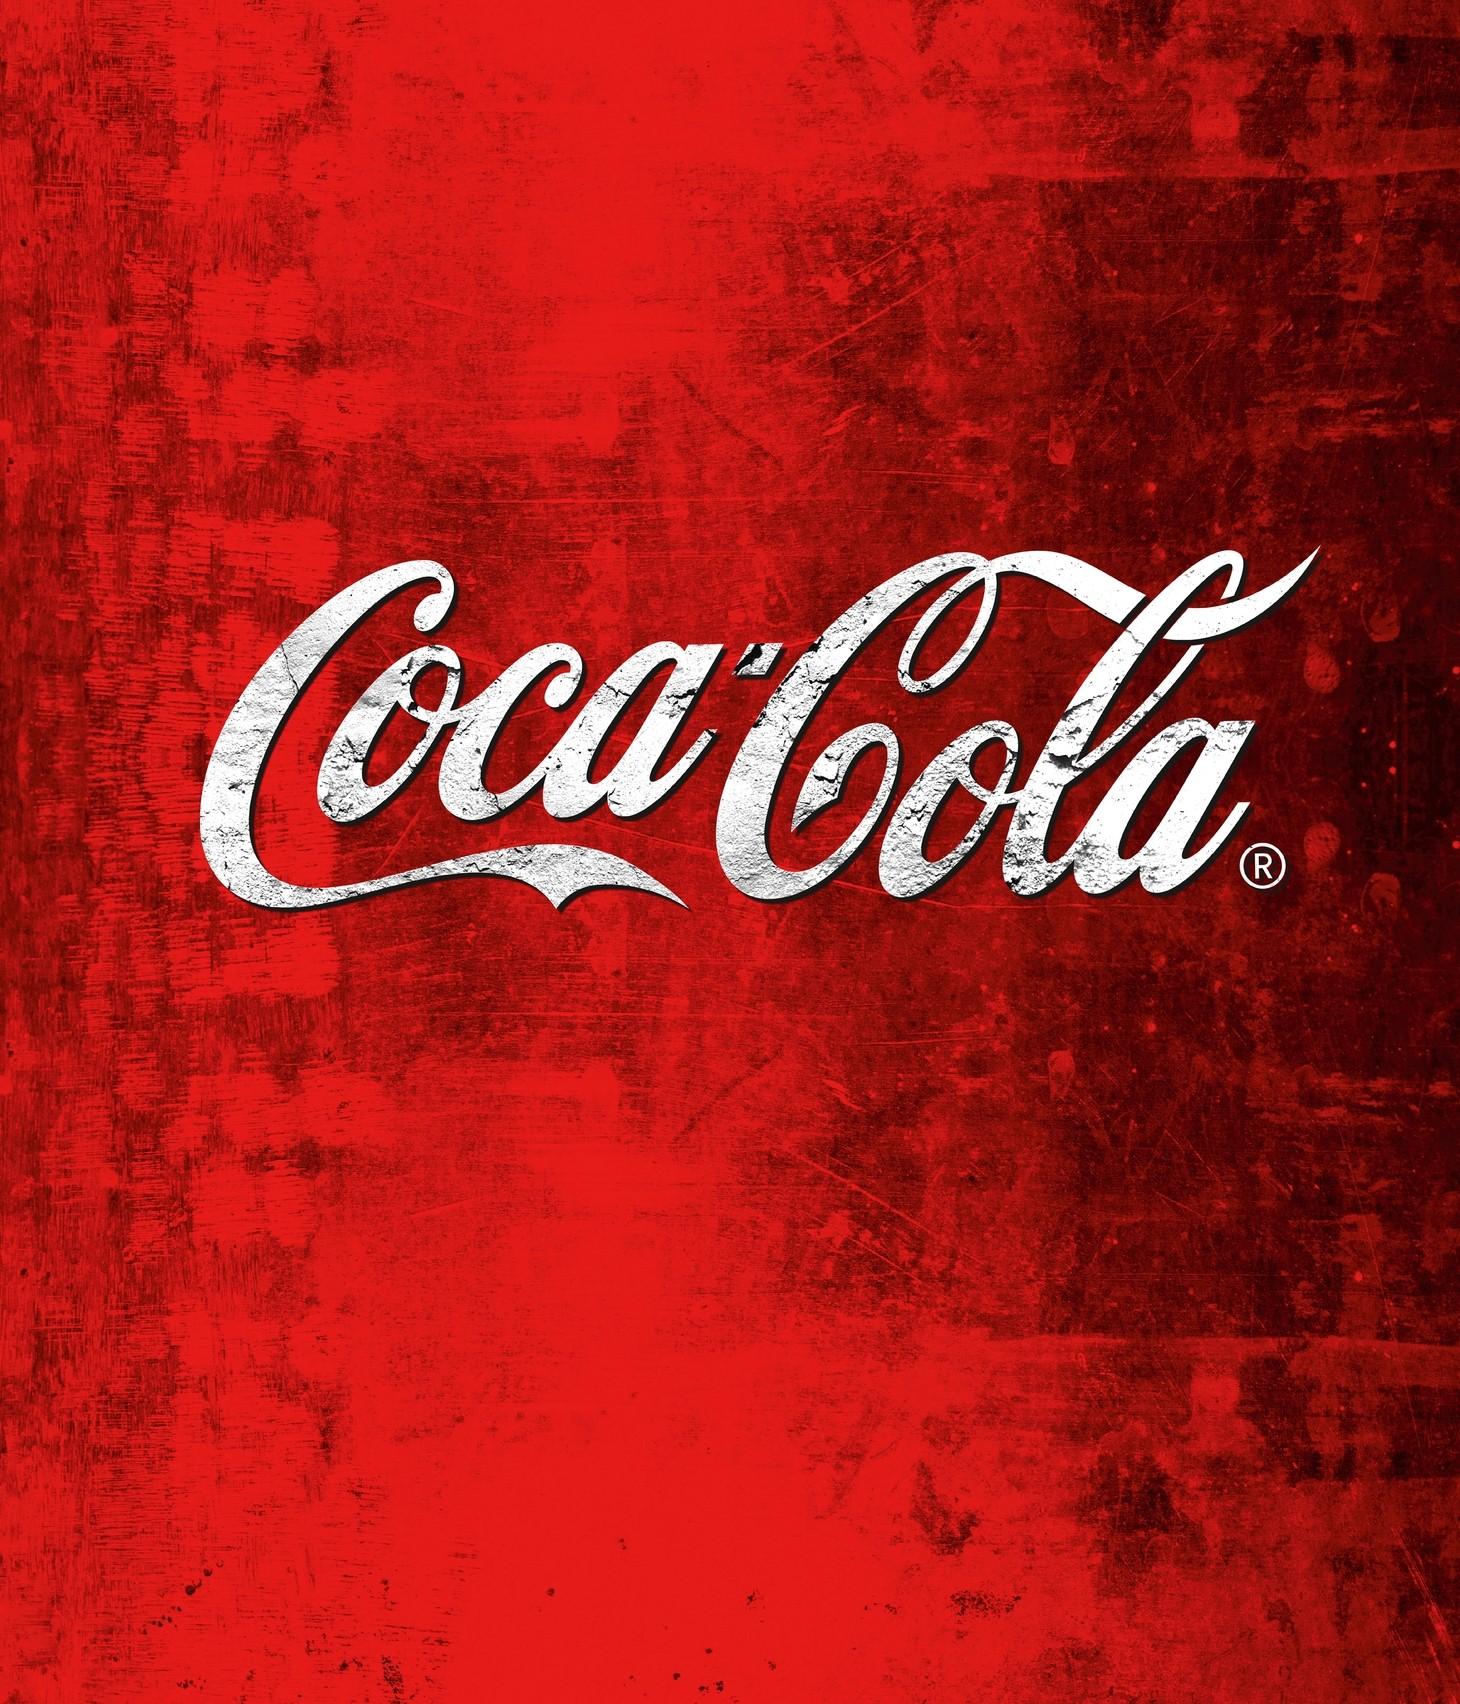 Wenko Glasrückwand Coca-Cola Classic, 60 x 70 cm